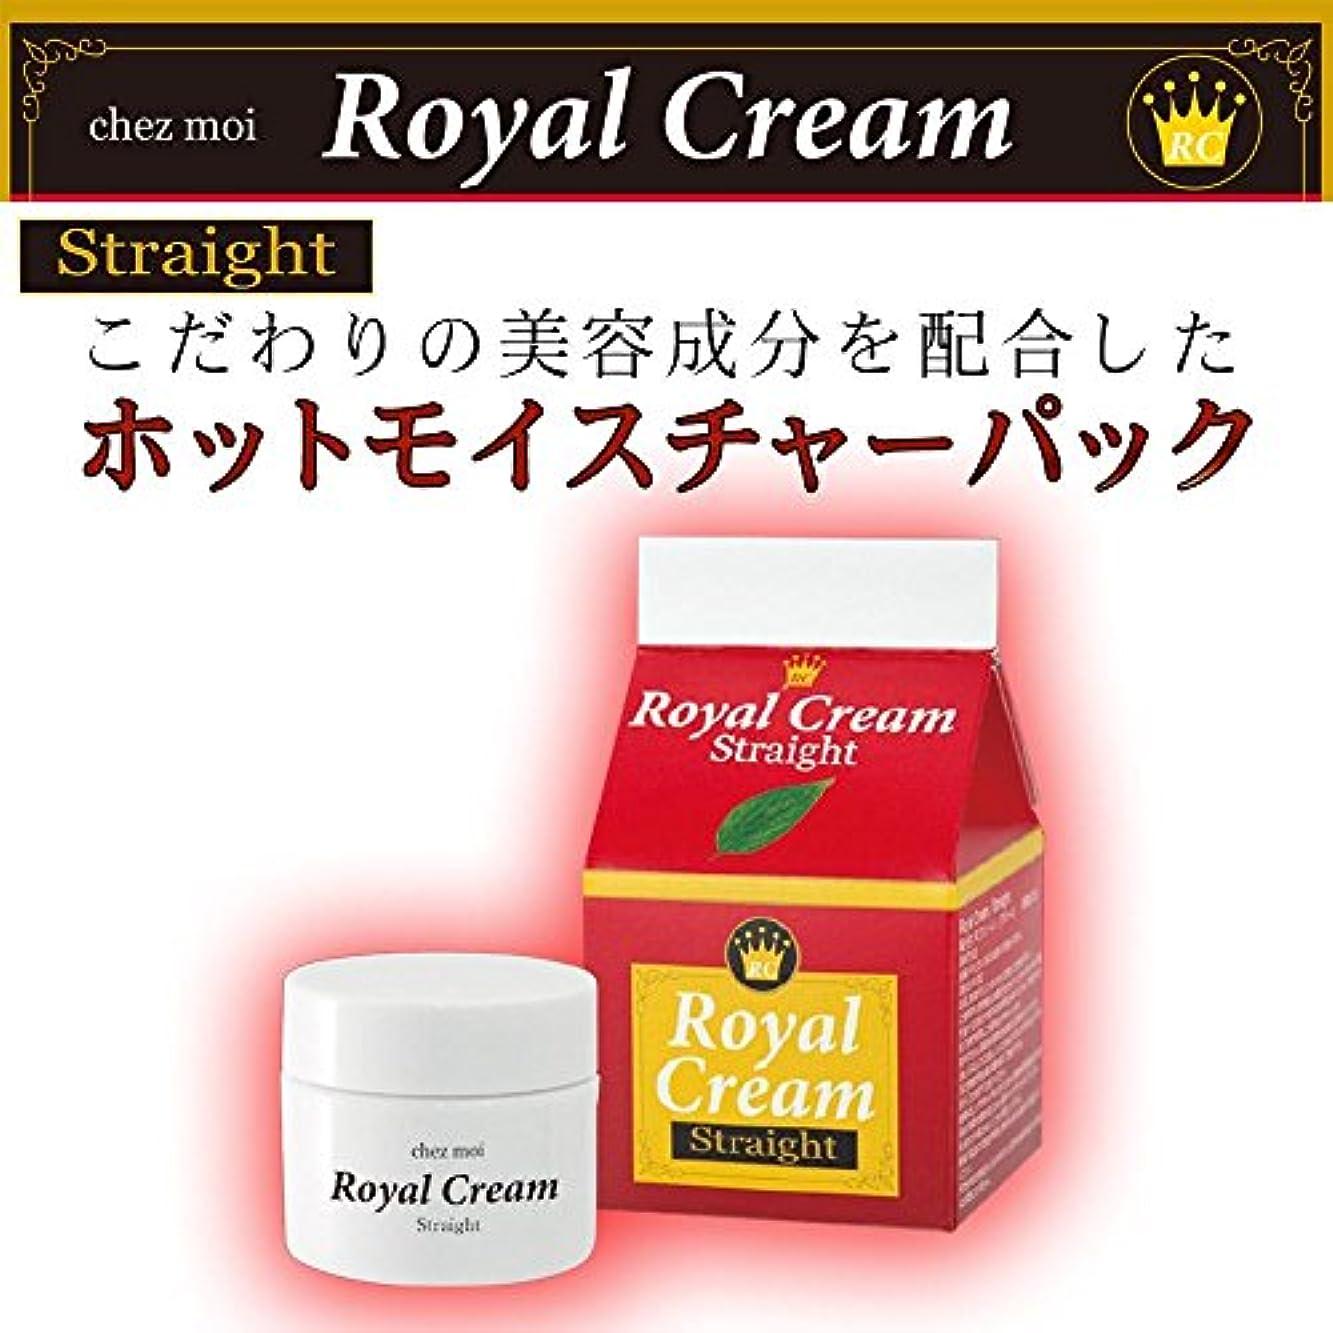 電話をかけるミシン理論Royal Cream(ロイヤルクリーム) Straight(ストレート) モイスチャーパック 30g